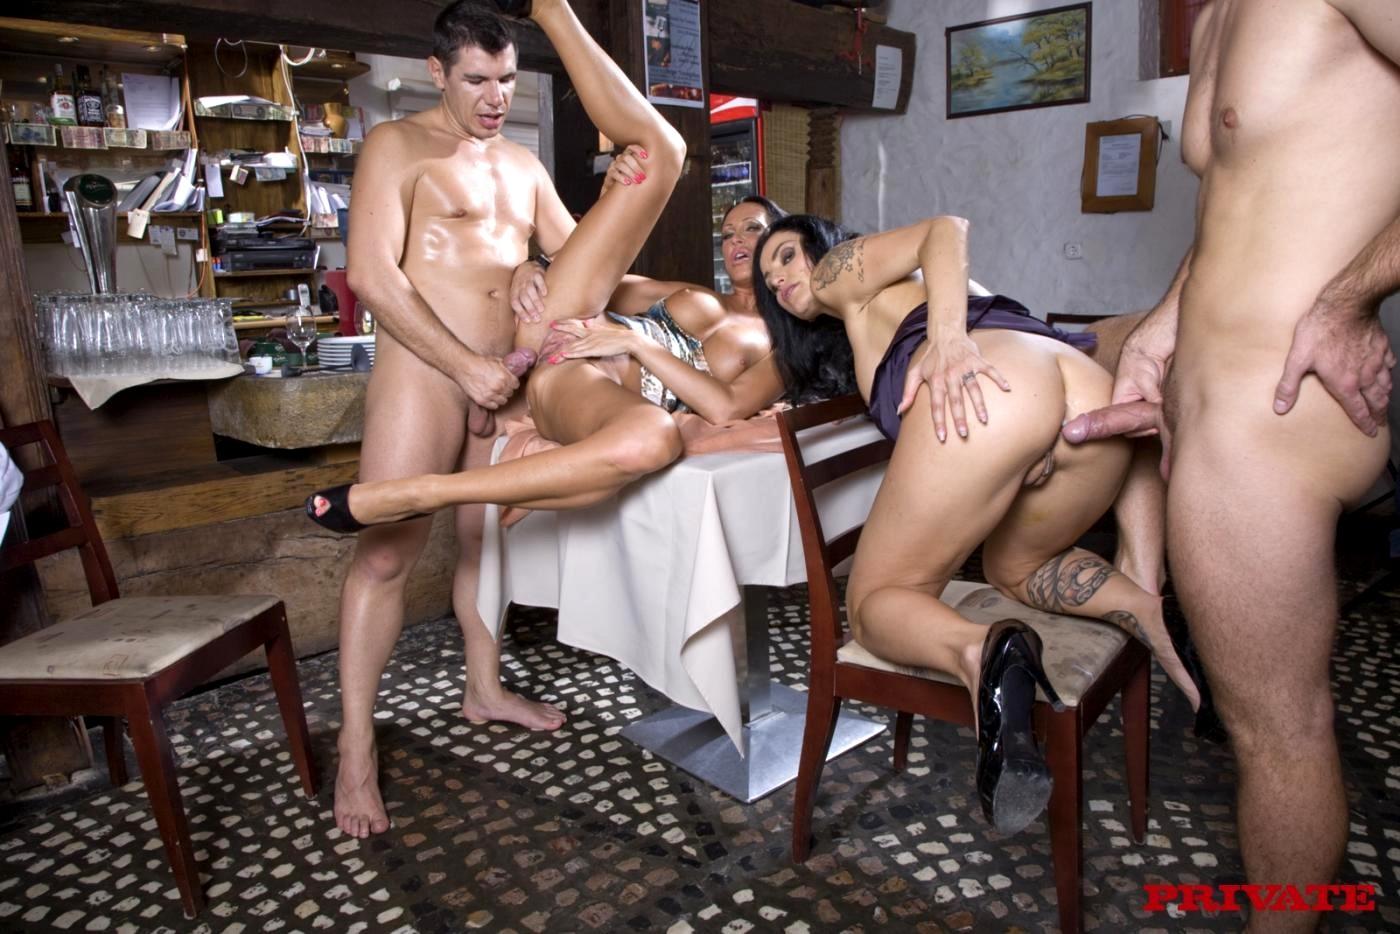 Секс в русской столовой смотреть онлайн — pic 8